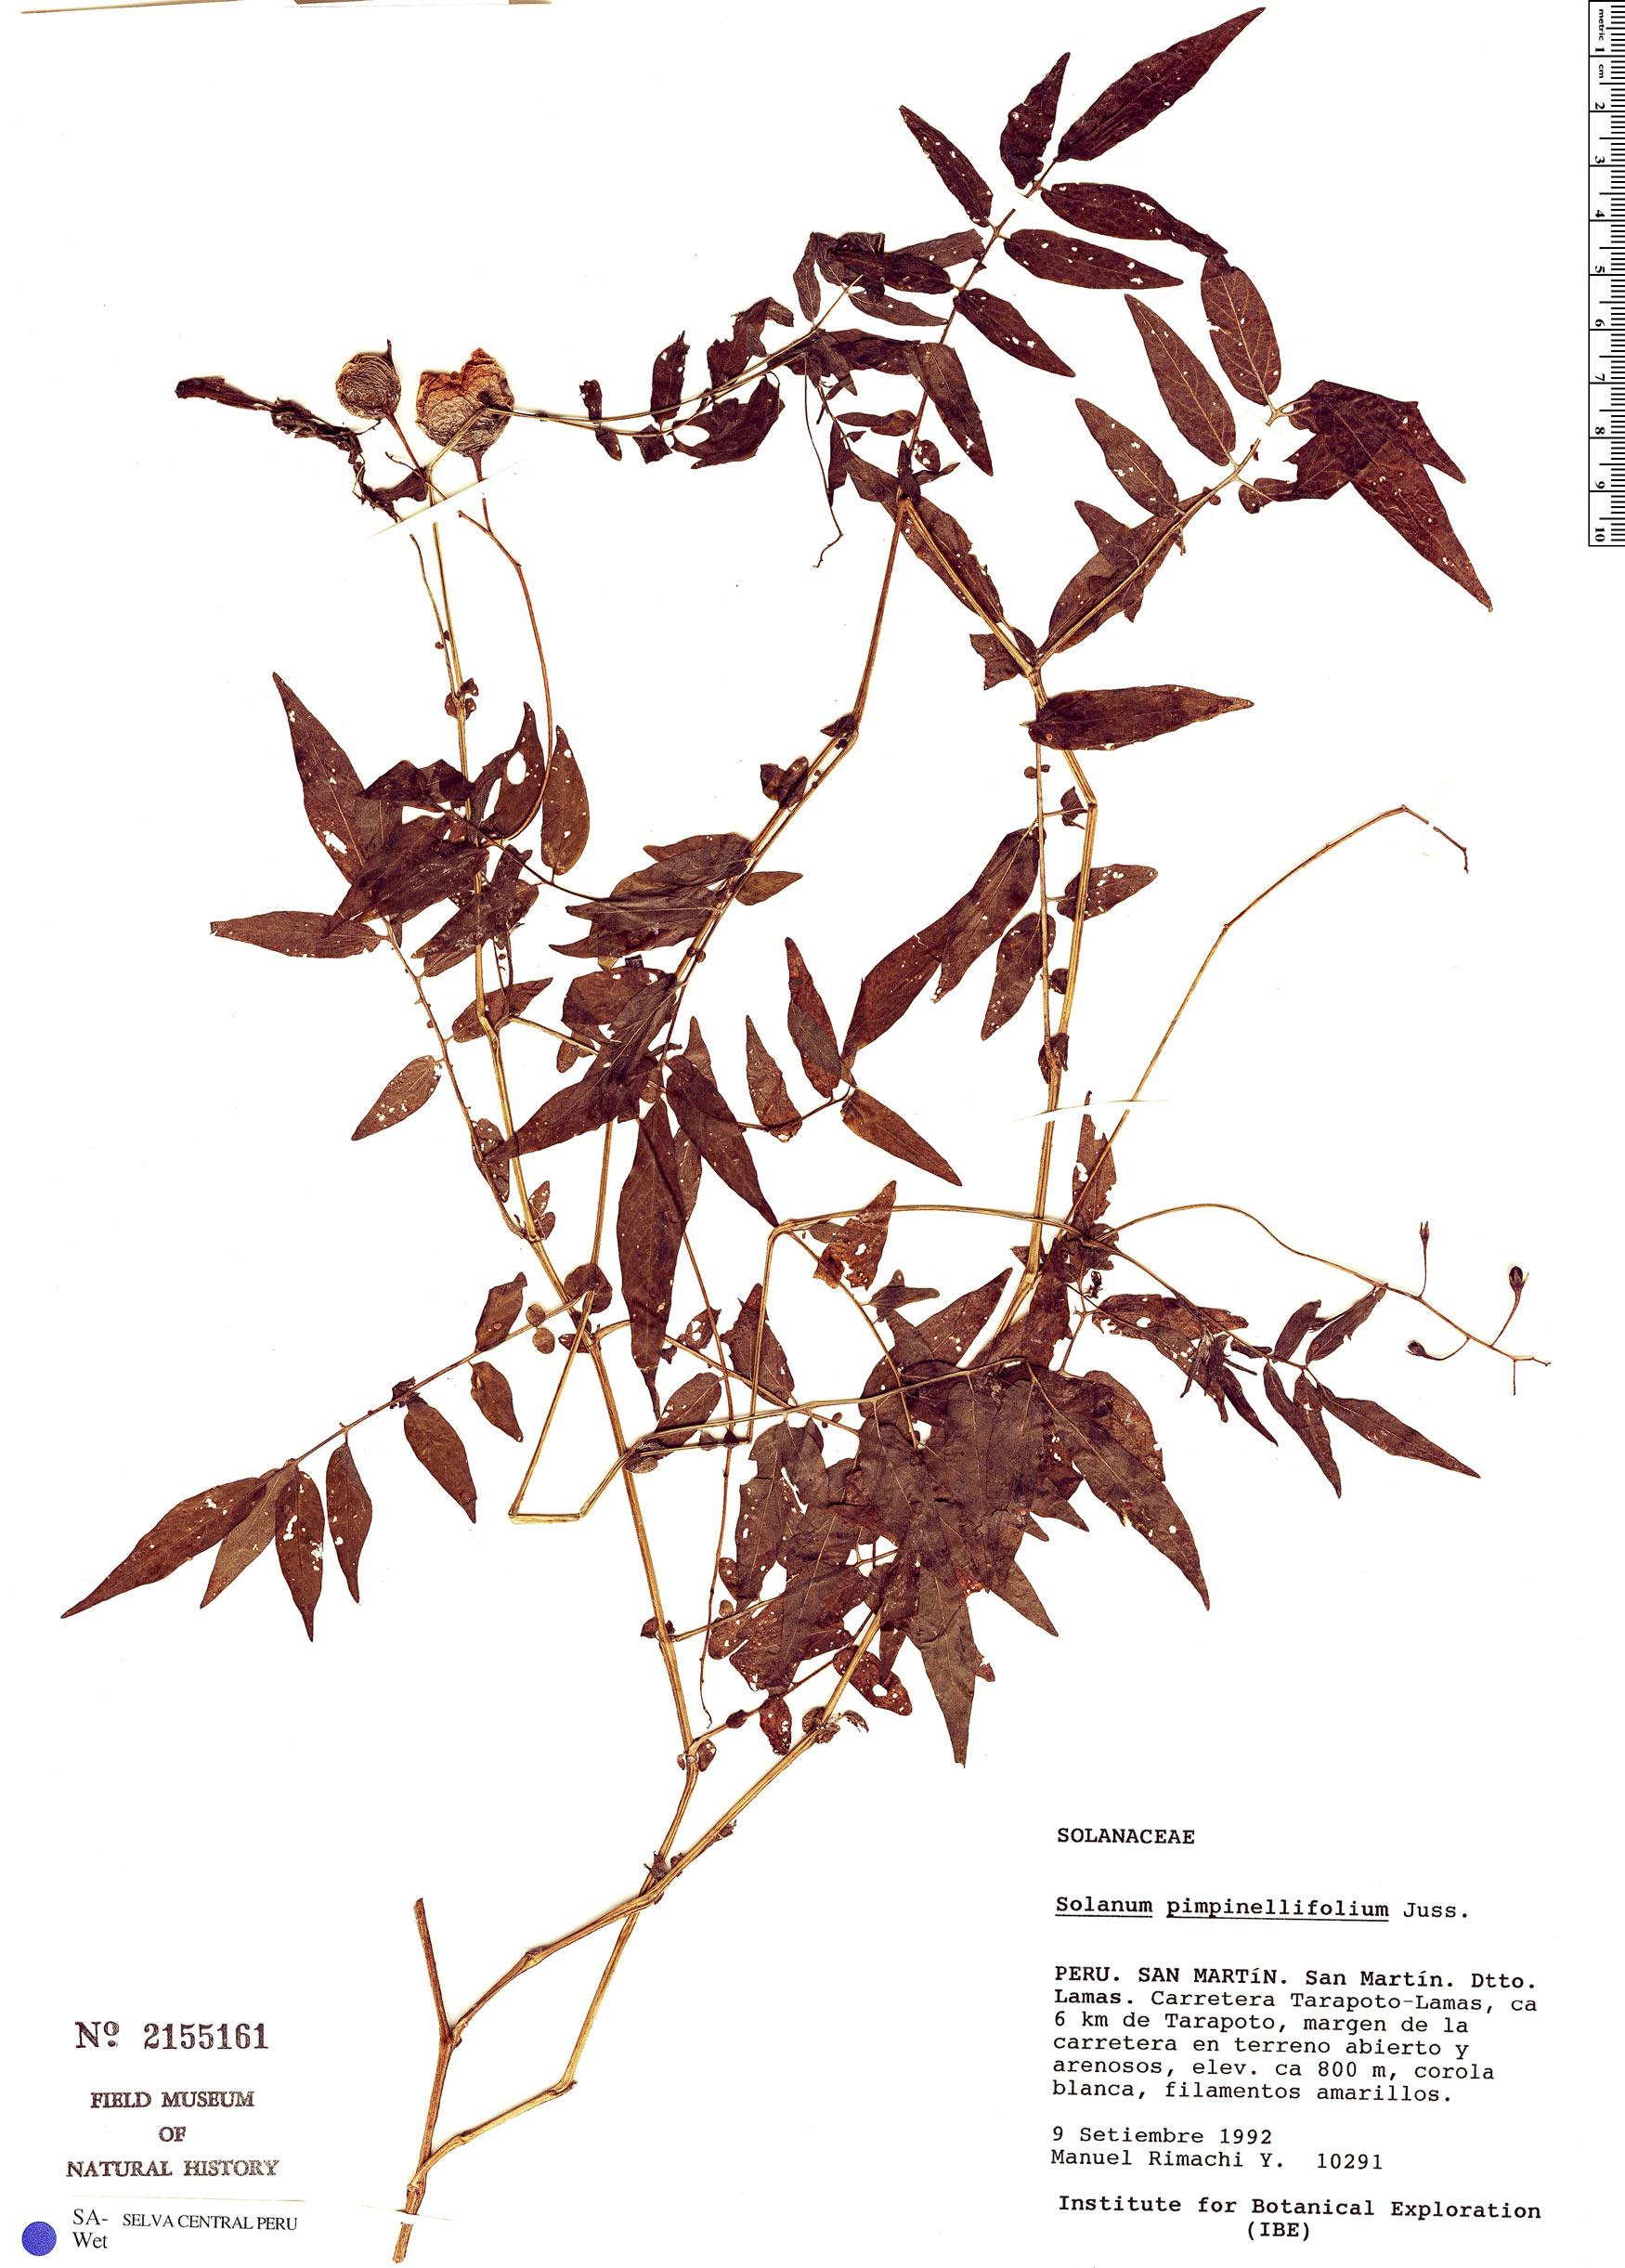 Specimen: Solanum pimpinellifolium